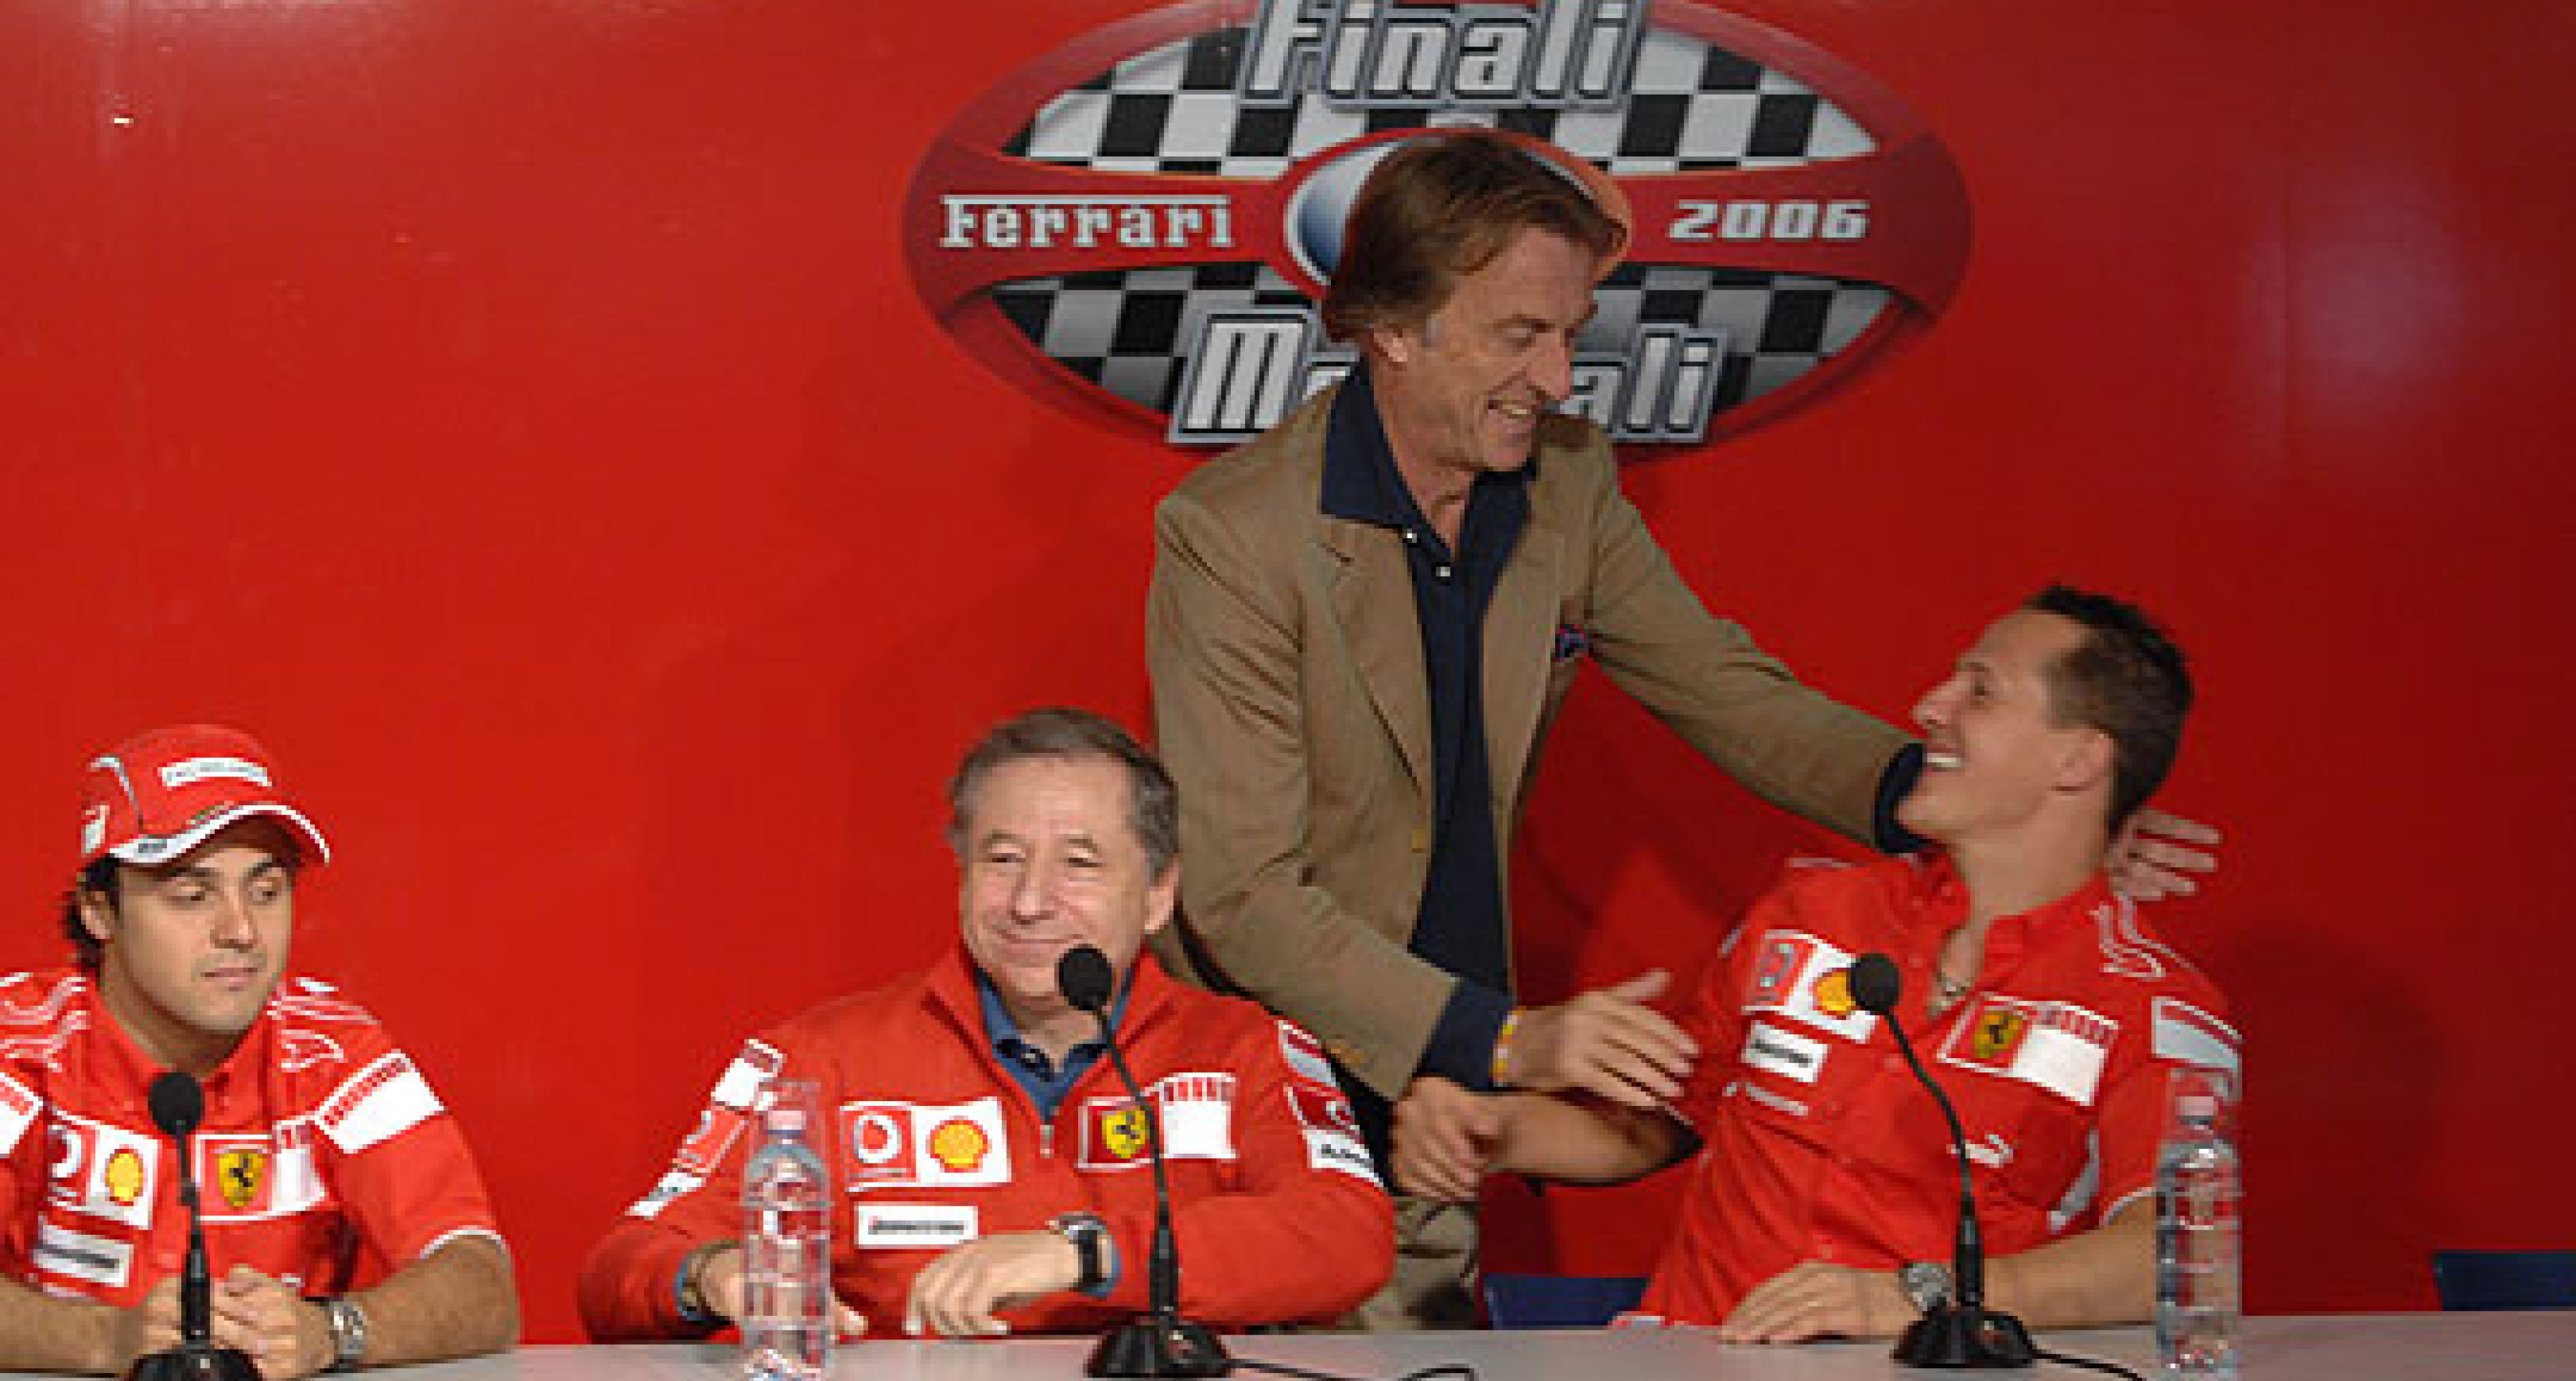 The 2006 Ferrari World Finals